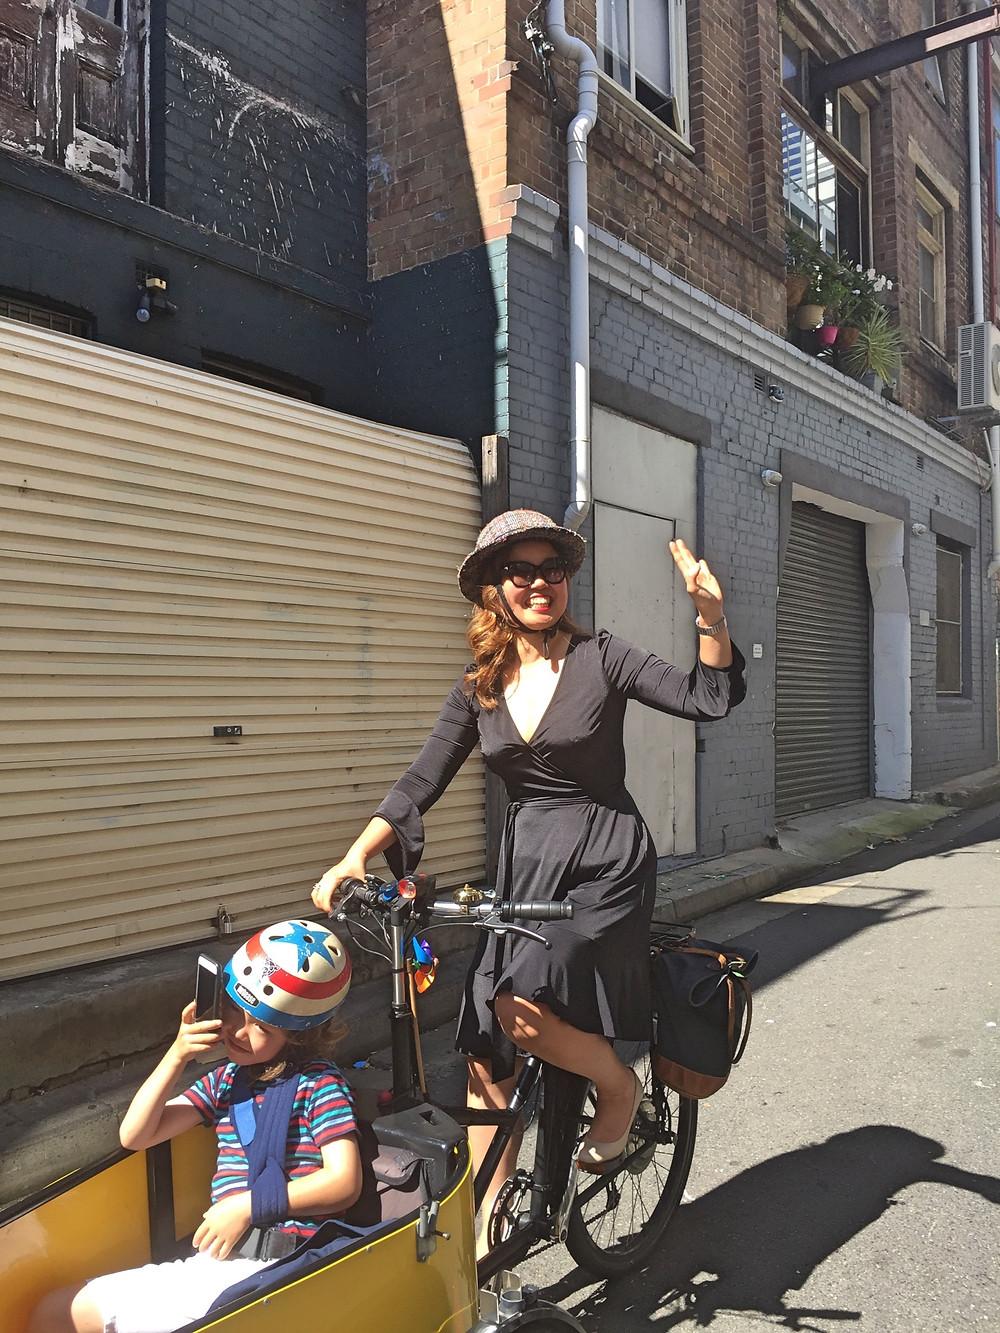 Bike riding Sydney